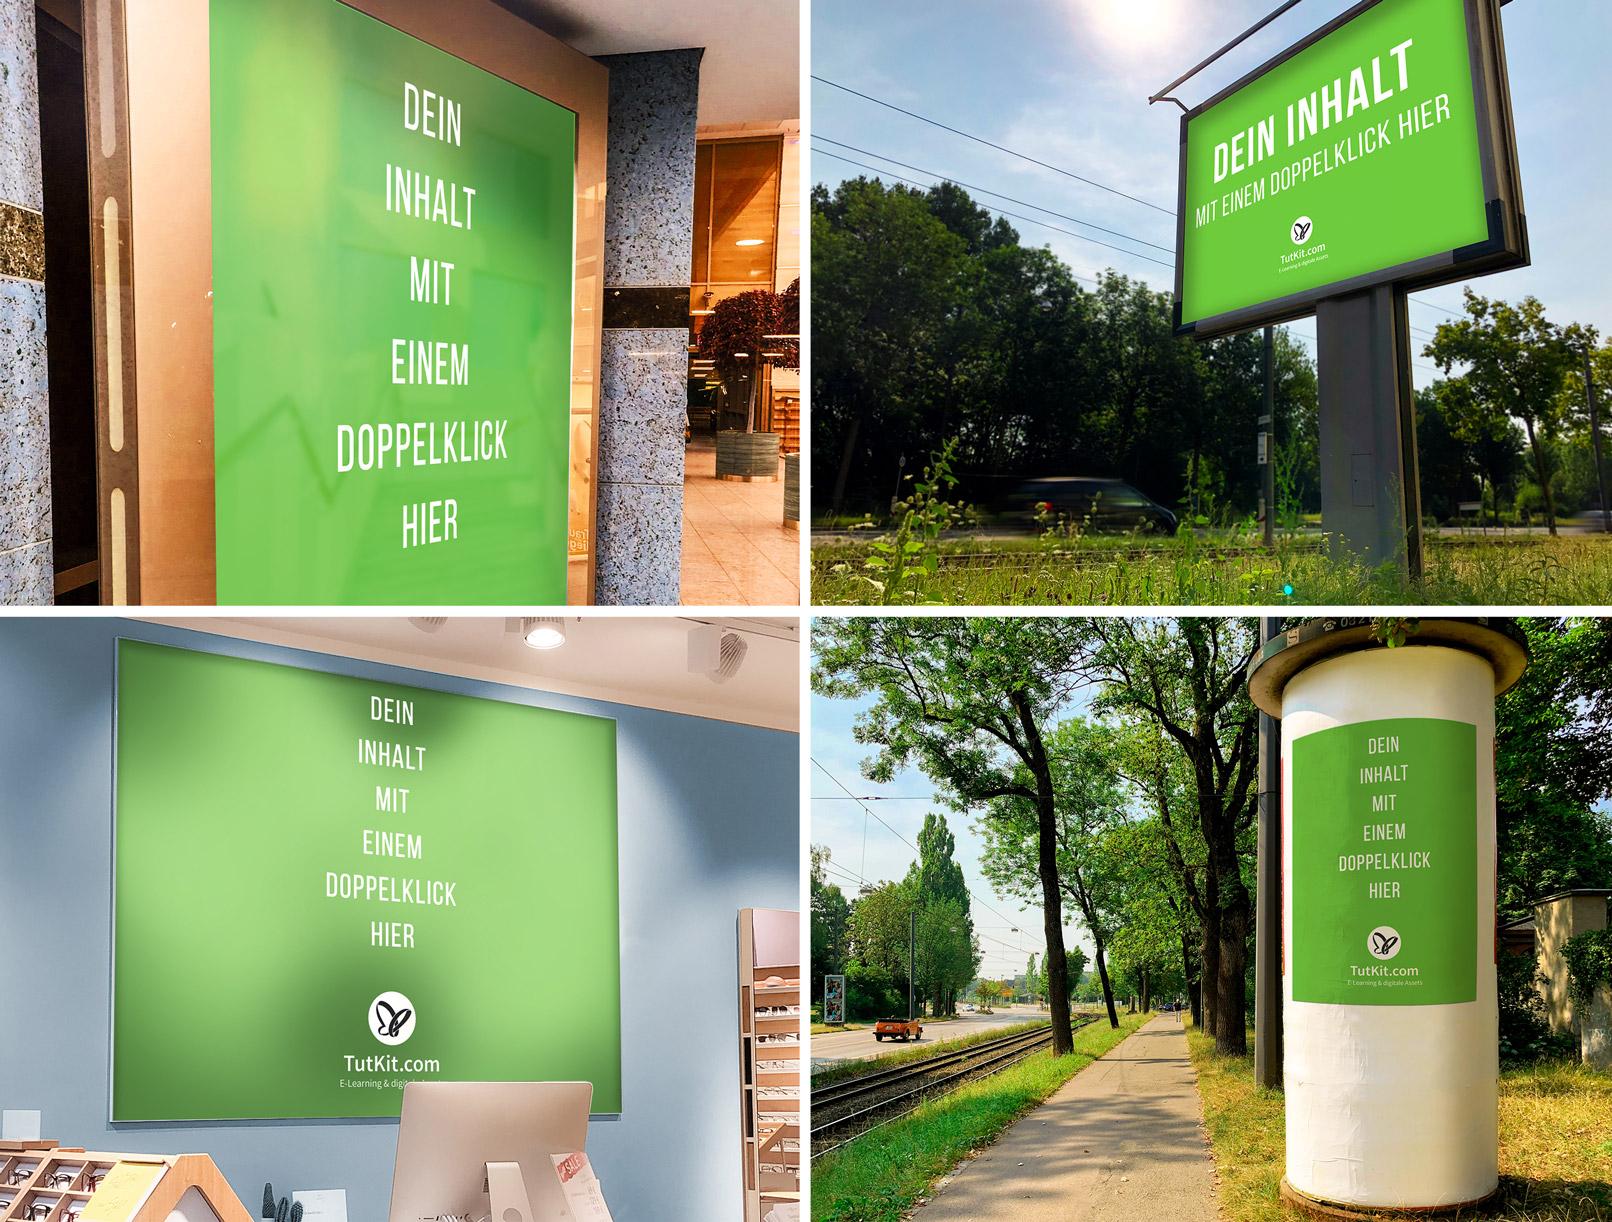 Mockup für Plakate in der Stadt und in Geschäften an Boards, in Werbetafeln, an einer Litfaßsäule